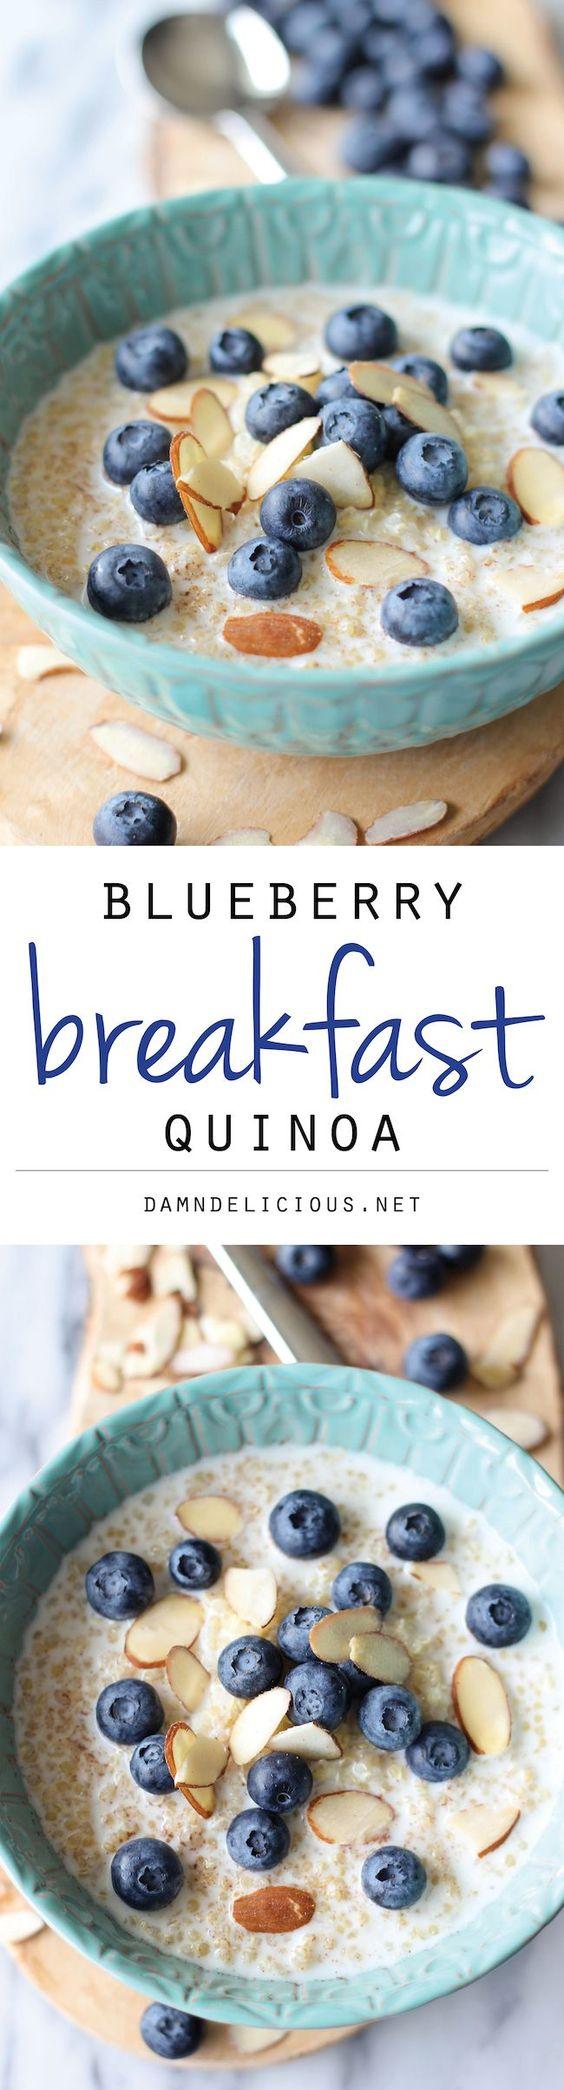 porrige quinoa lait de coco  http://mangeteslegumes.net/5-sources-de-proteines-vegetales/